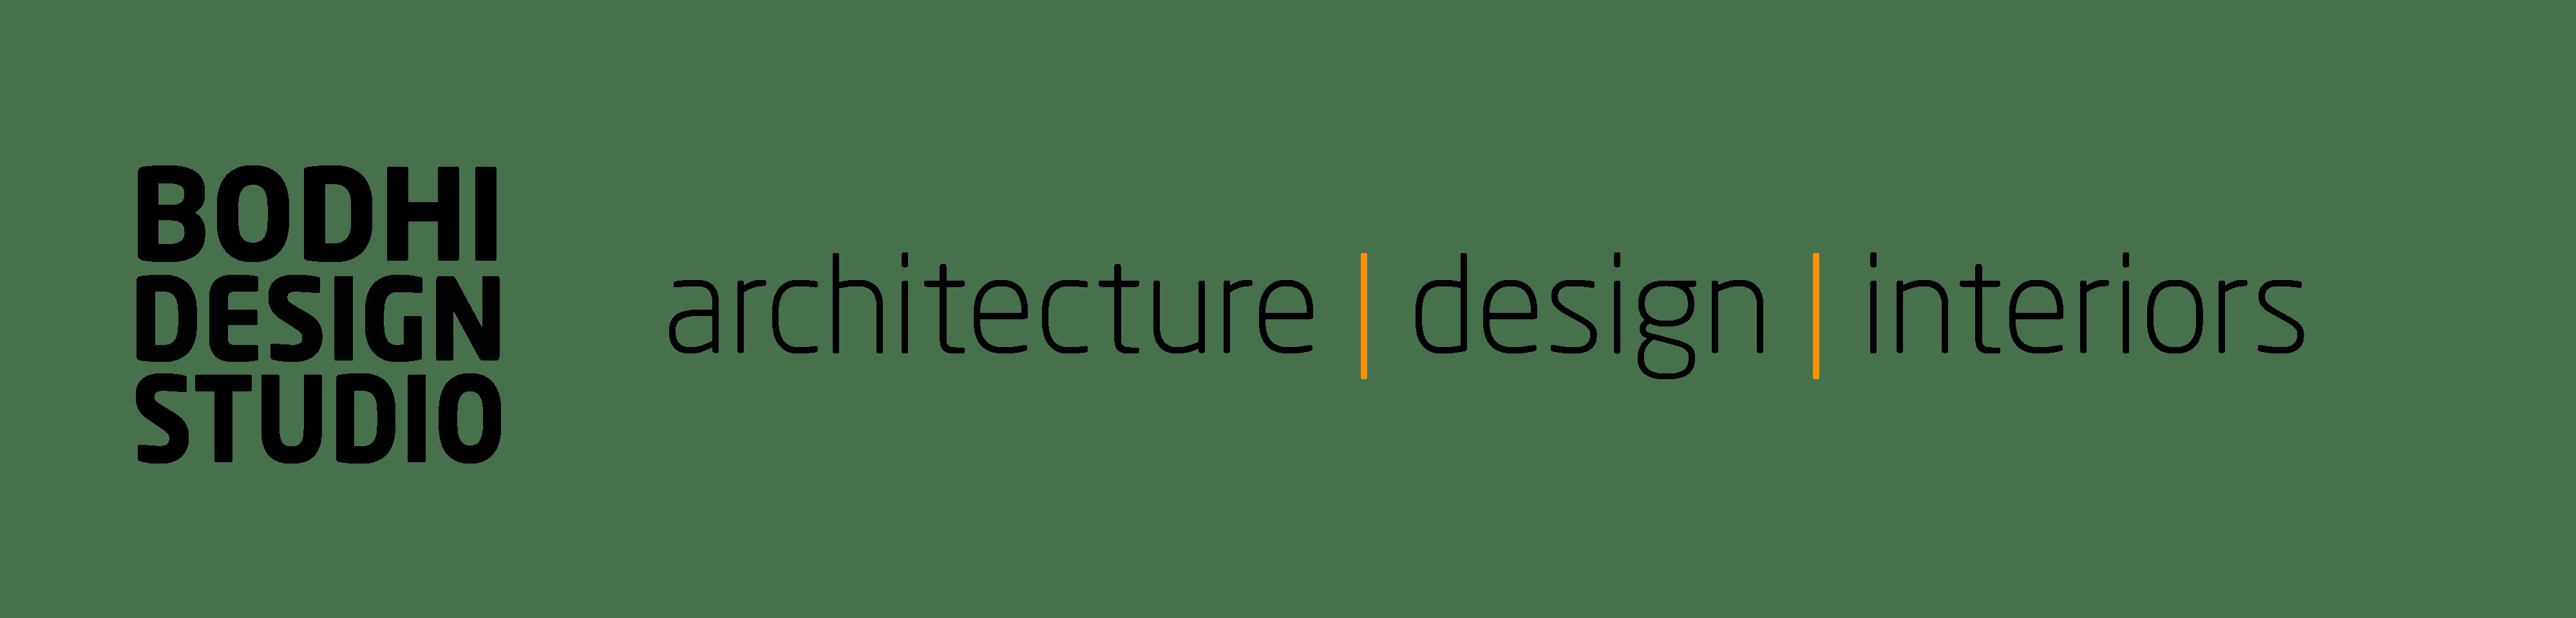 Bodhi Design Studio